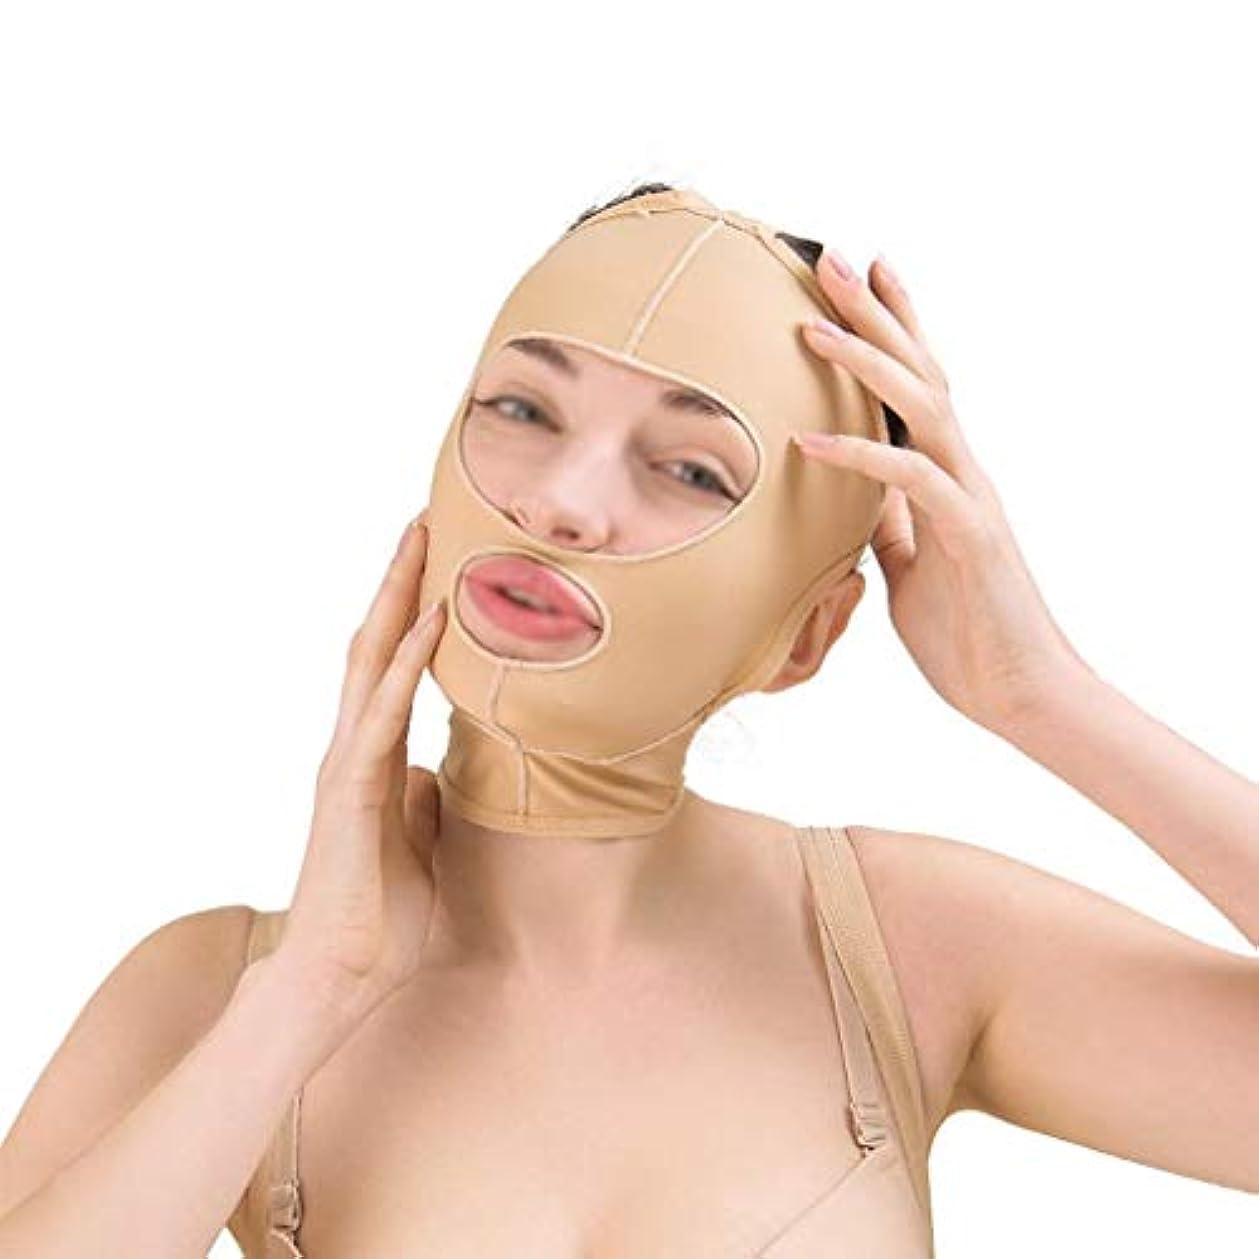 配管工鳩ドナー美容フェイスリフト減量ベルト、ほおスリムフィット、通気性フェイスリフト、引き締め、リフティング包帯、フェイシャルスキン包帯(サイズ:M),XL